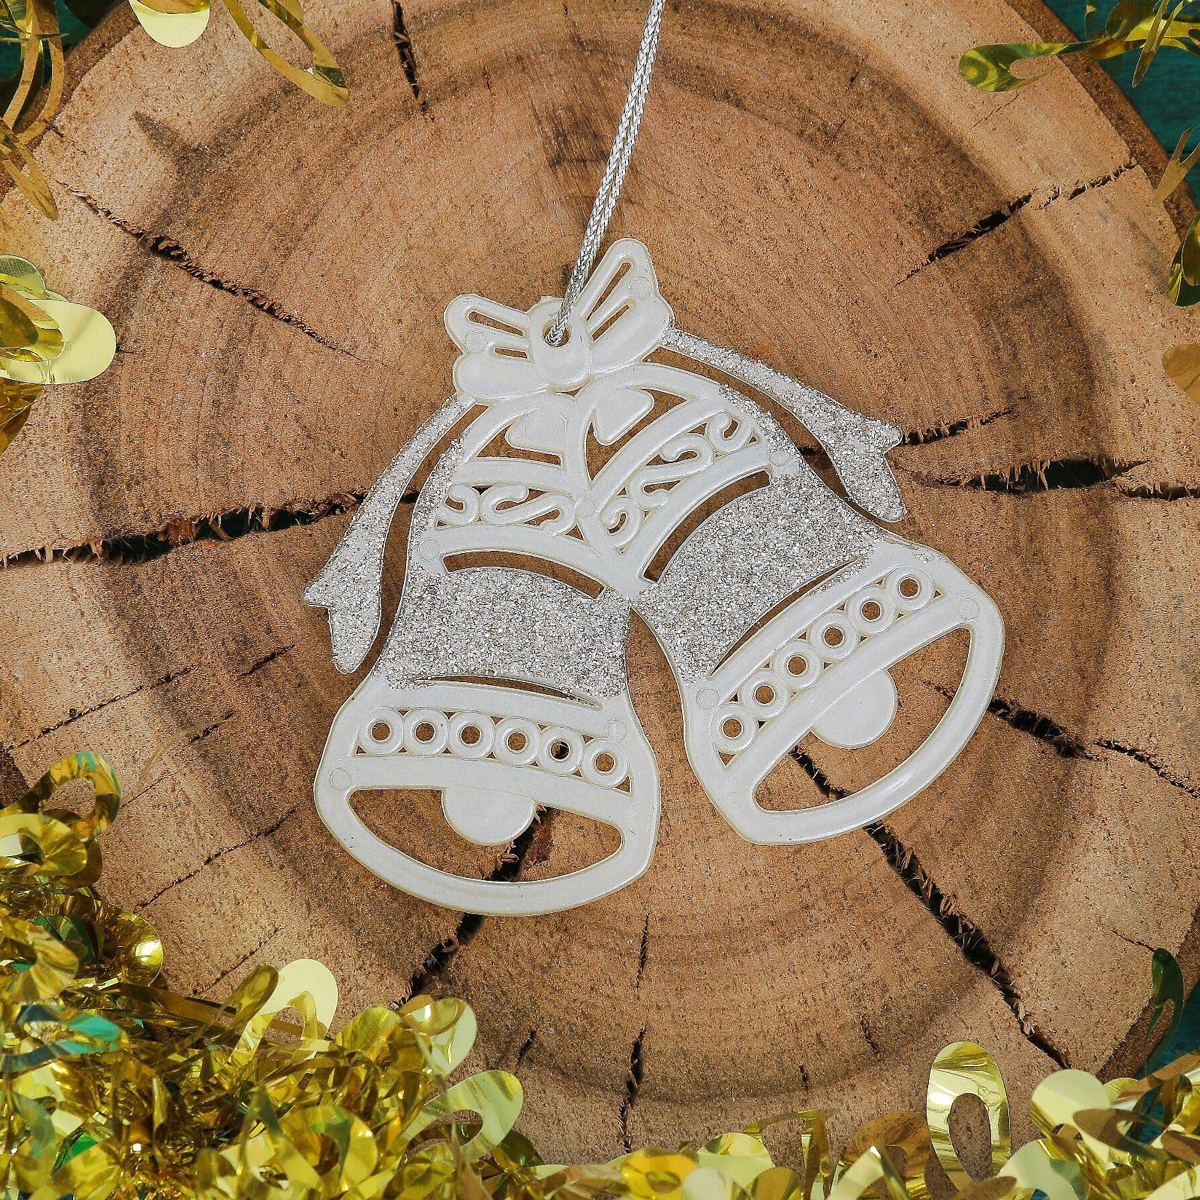 Новогоднее подвесное украшение Колокольчики с бантом, 9,5 х 8,5 см новогоднее подвесное украшение собака ф21 1716